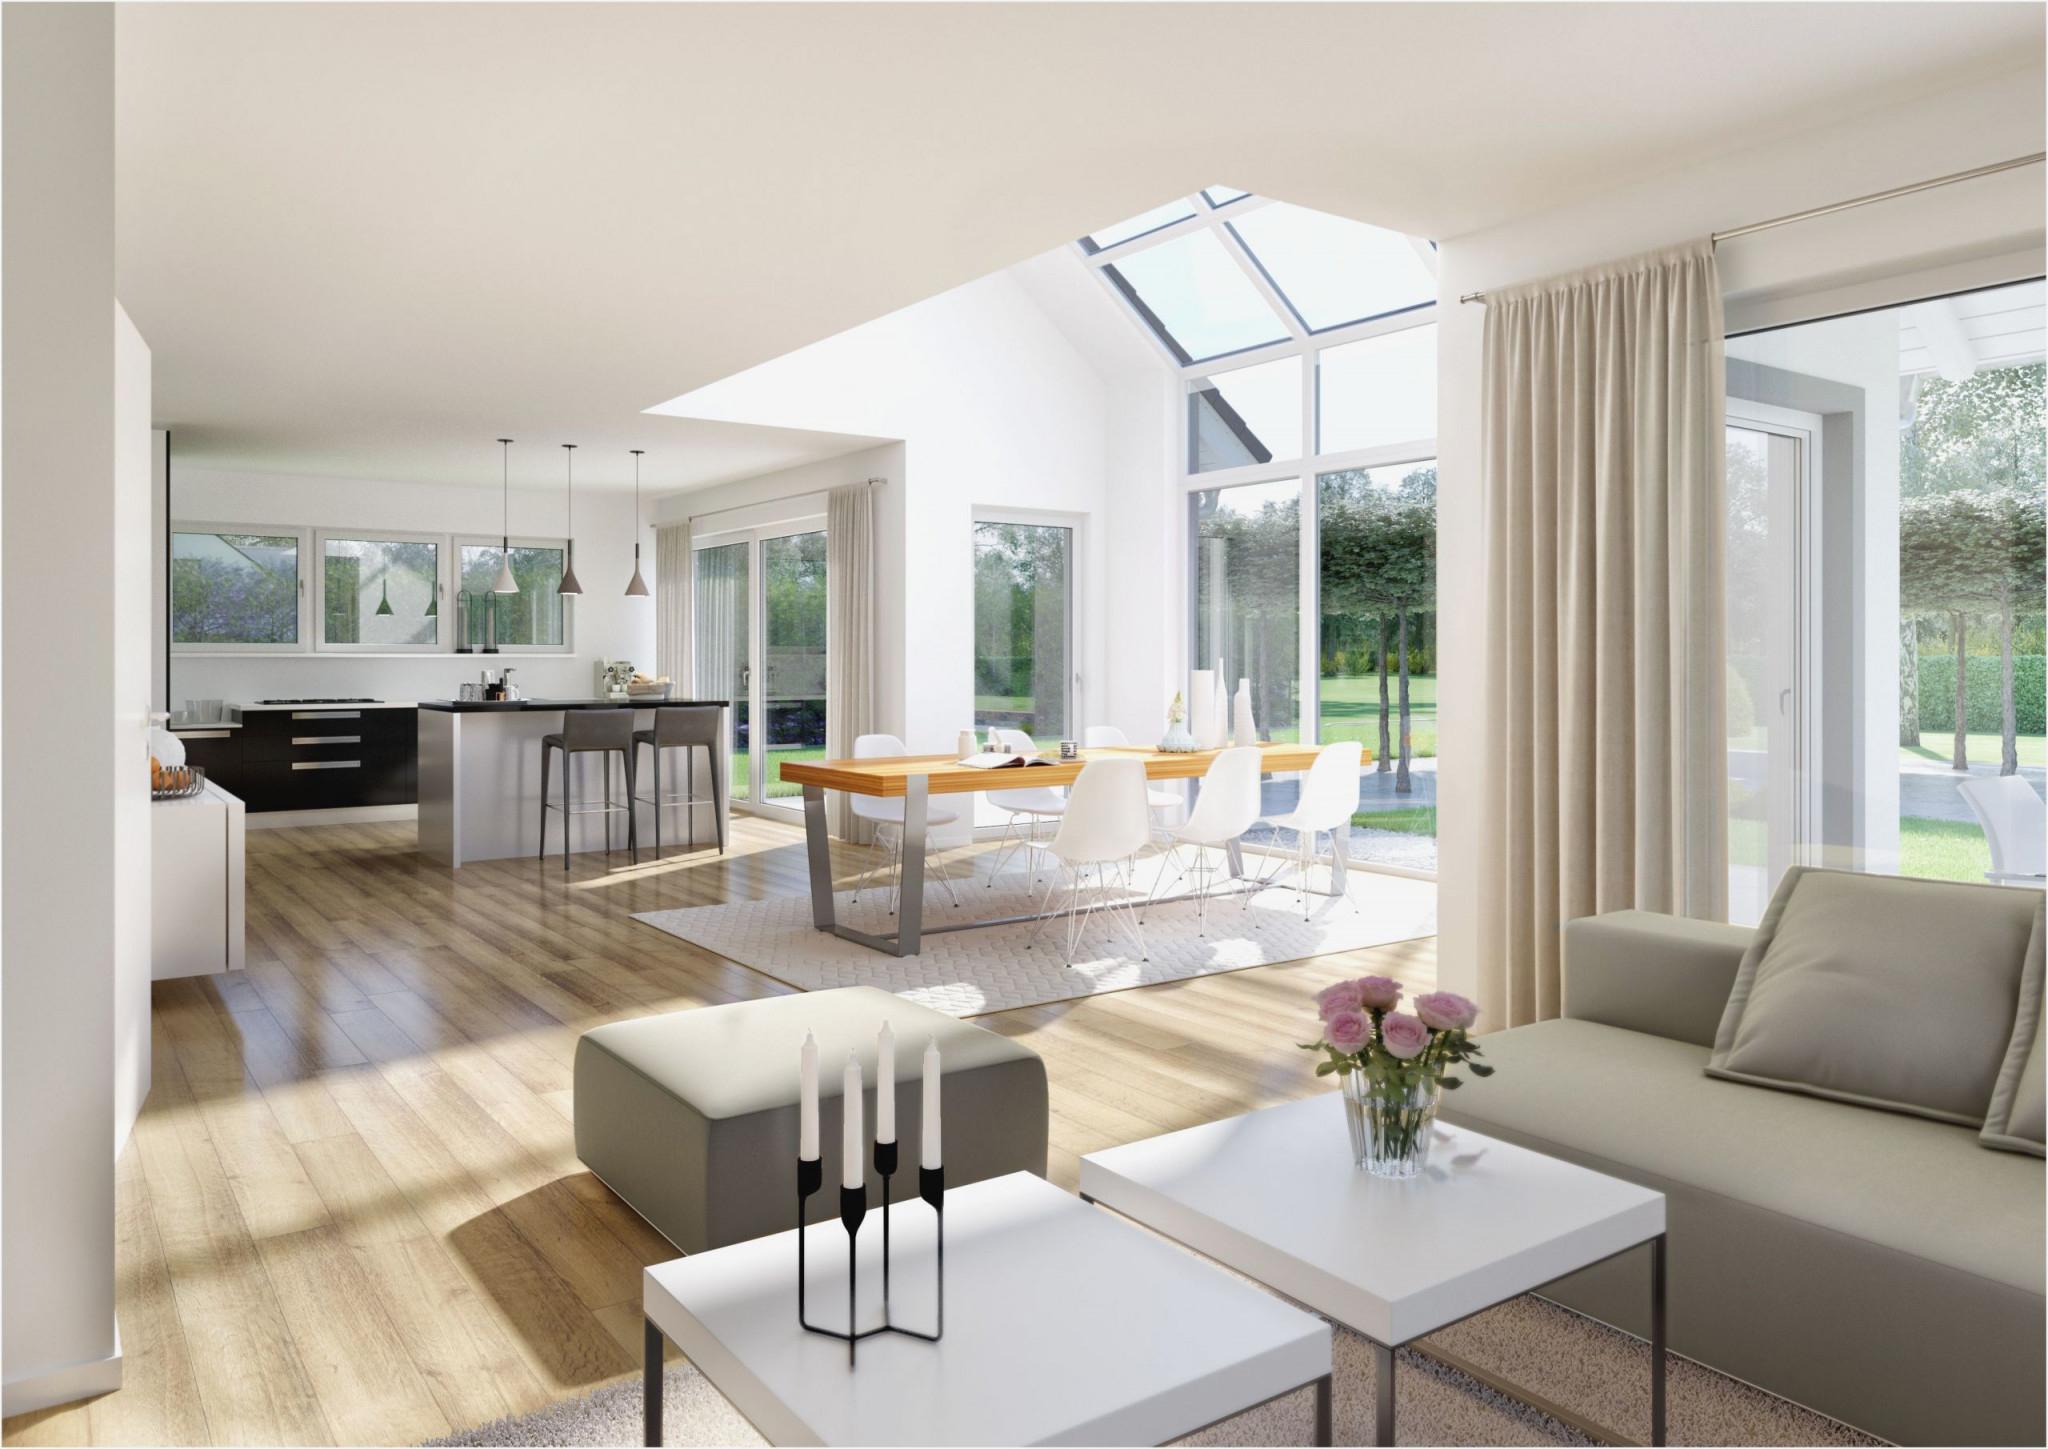 L Frmiges Wohnzimmer Einrichten  Wohnzimmer  Traumhaus von L Wohnzimmer Einrichten Bild